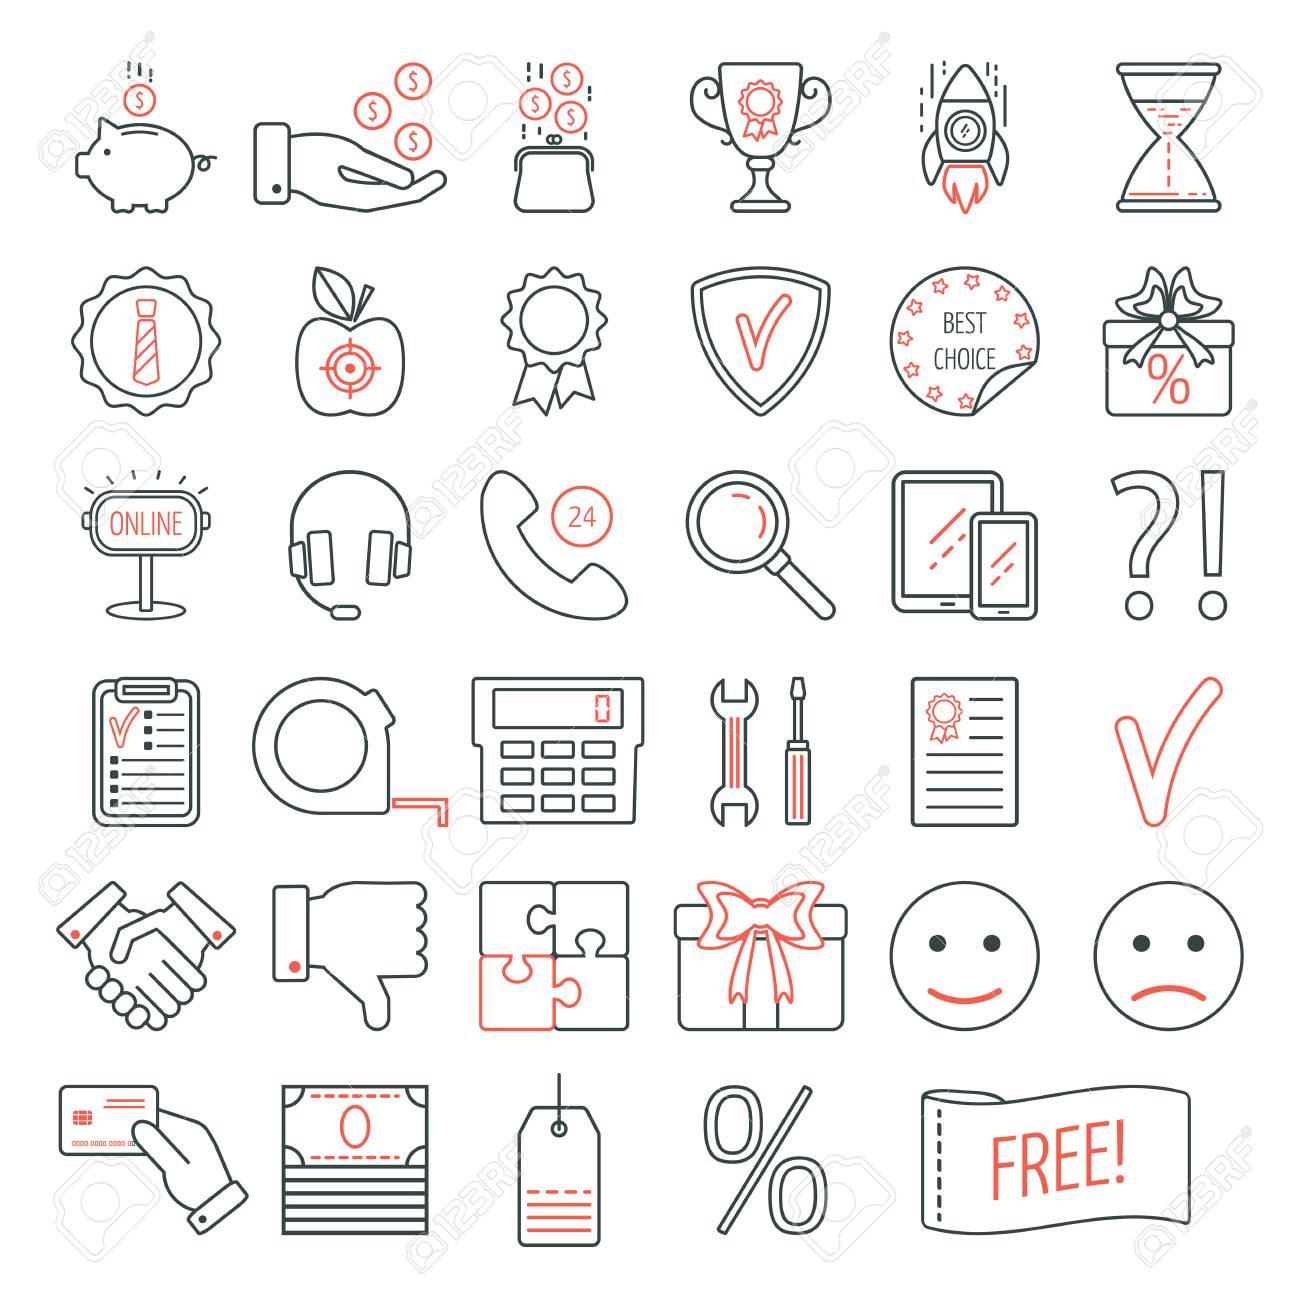 34bcb0c3ba182 Conjunto de iconos de diseño web lineal. Iconos de línea moderna para  negocios